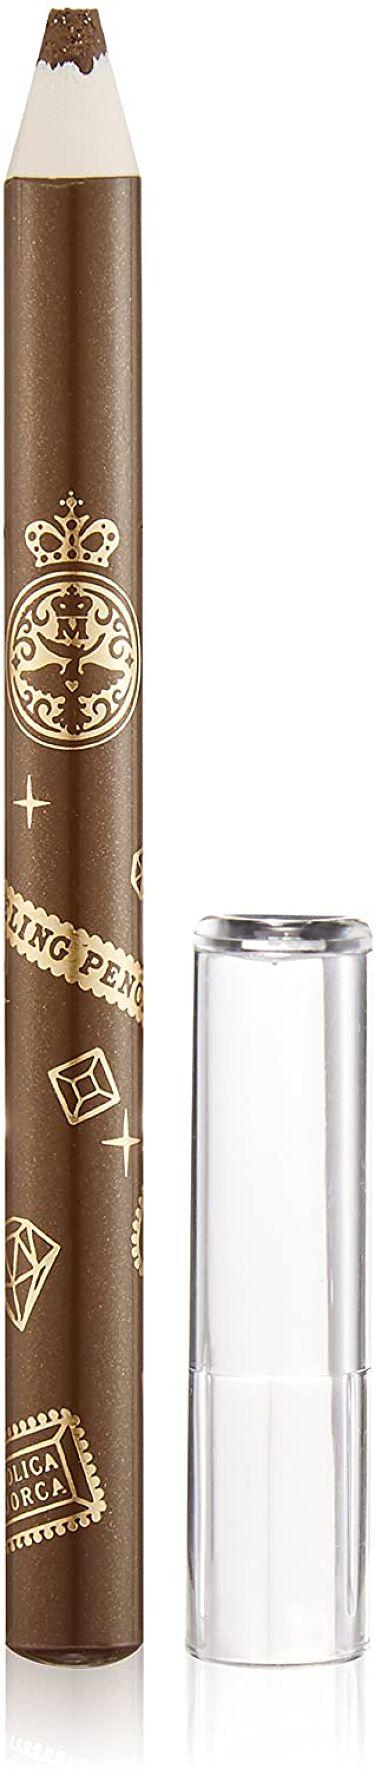 ジュエリングペンシル BR606 金塊